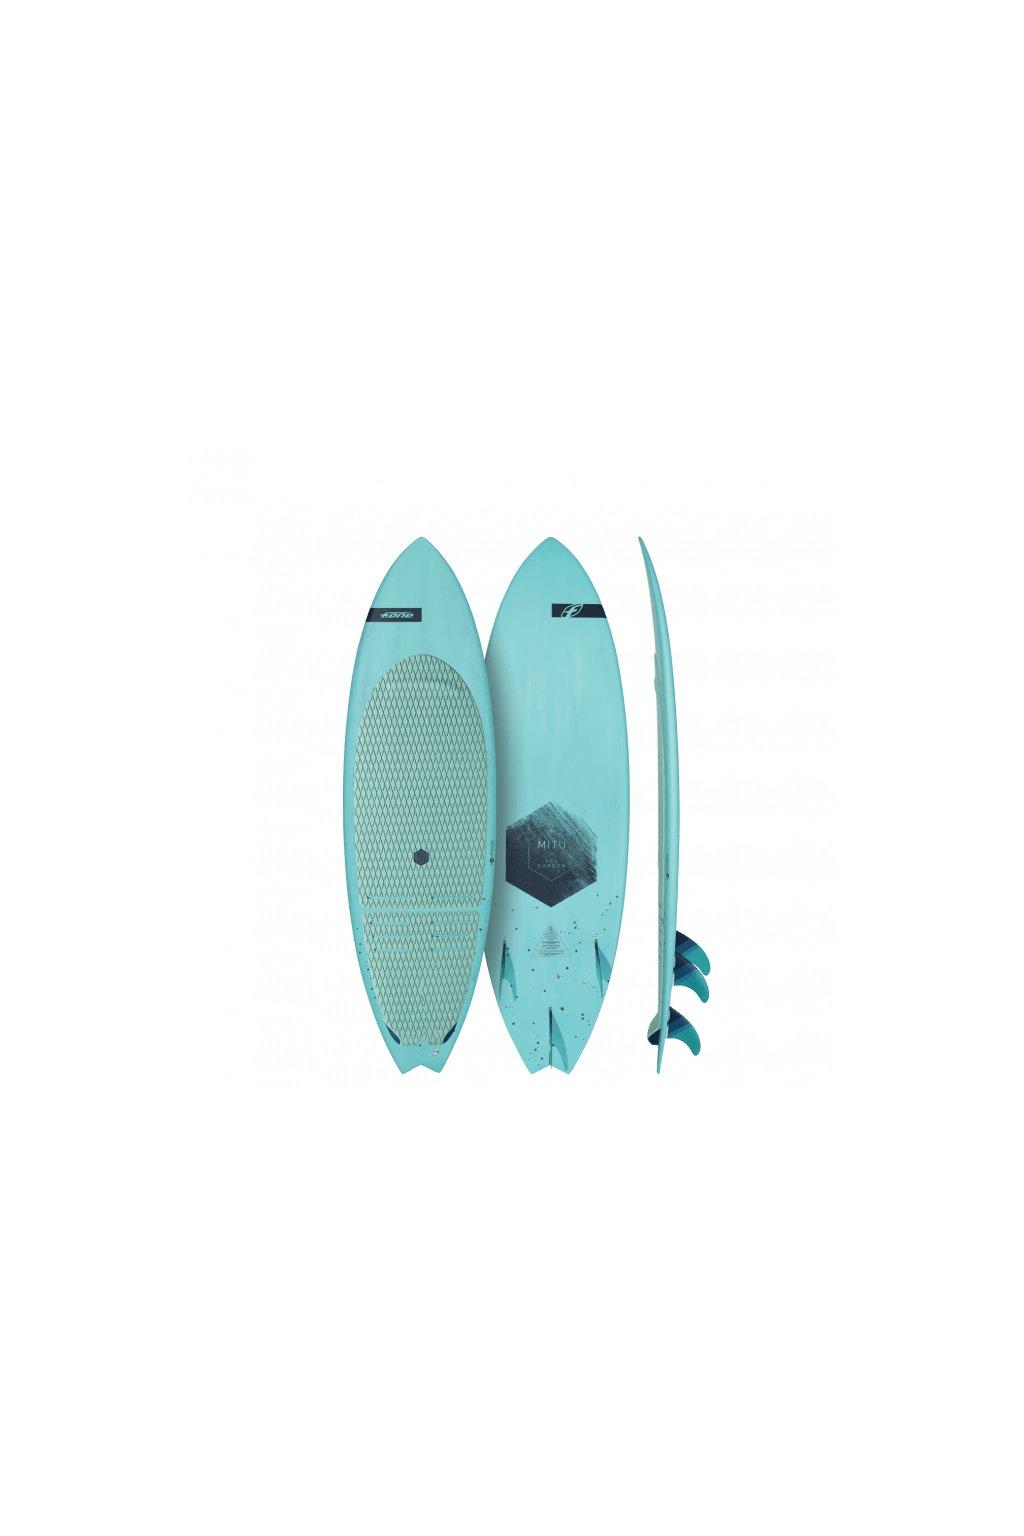 Surf Mitu Pro model Carbon series 5 2 650x650